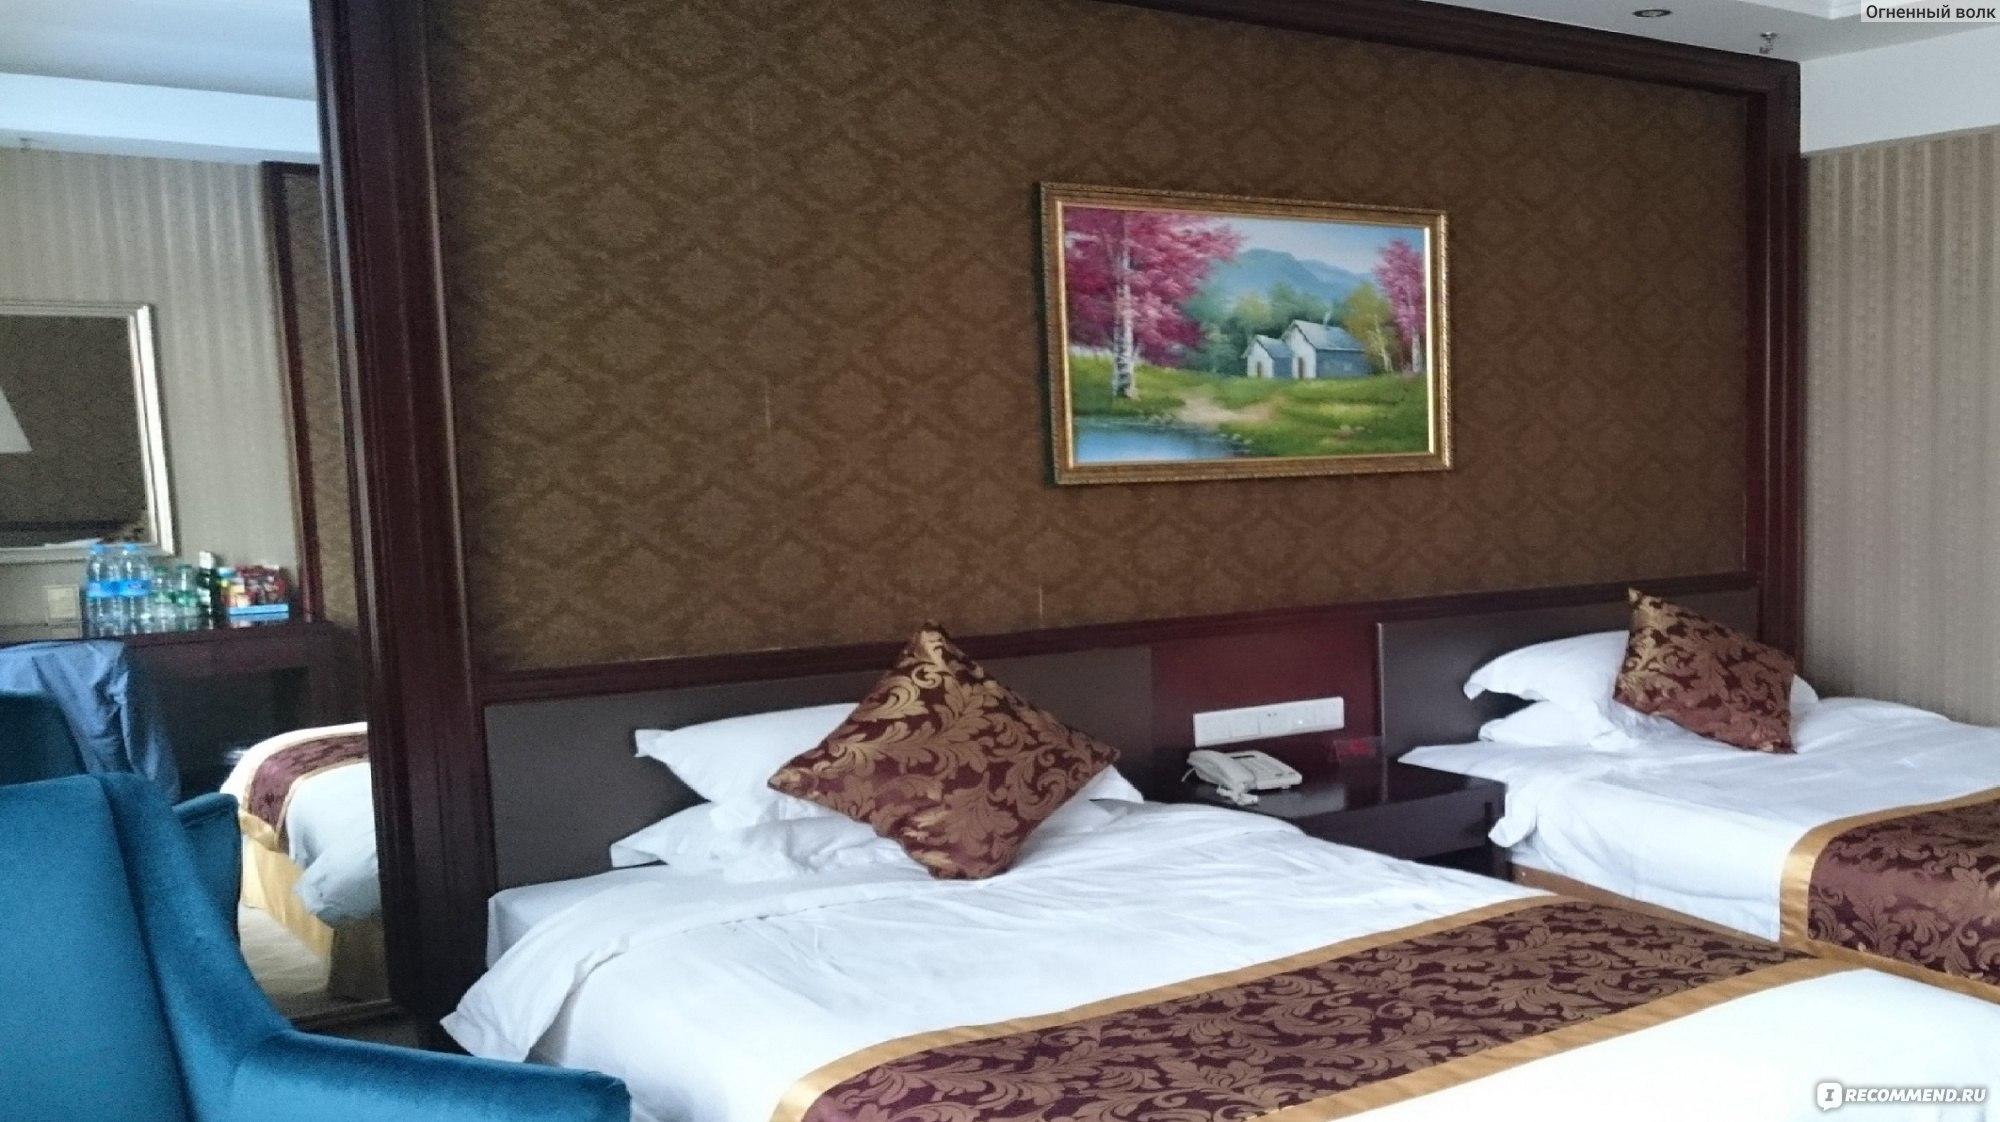 домов балконом гостиница дракон фуюань фото следует